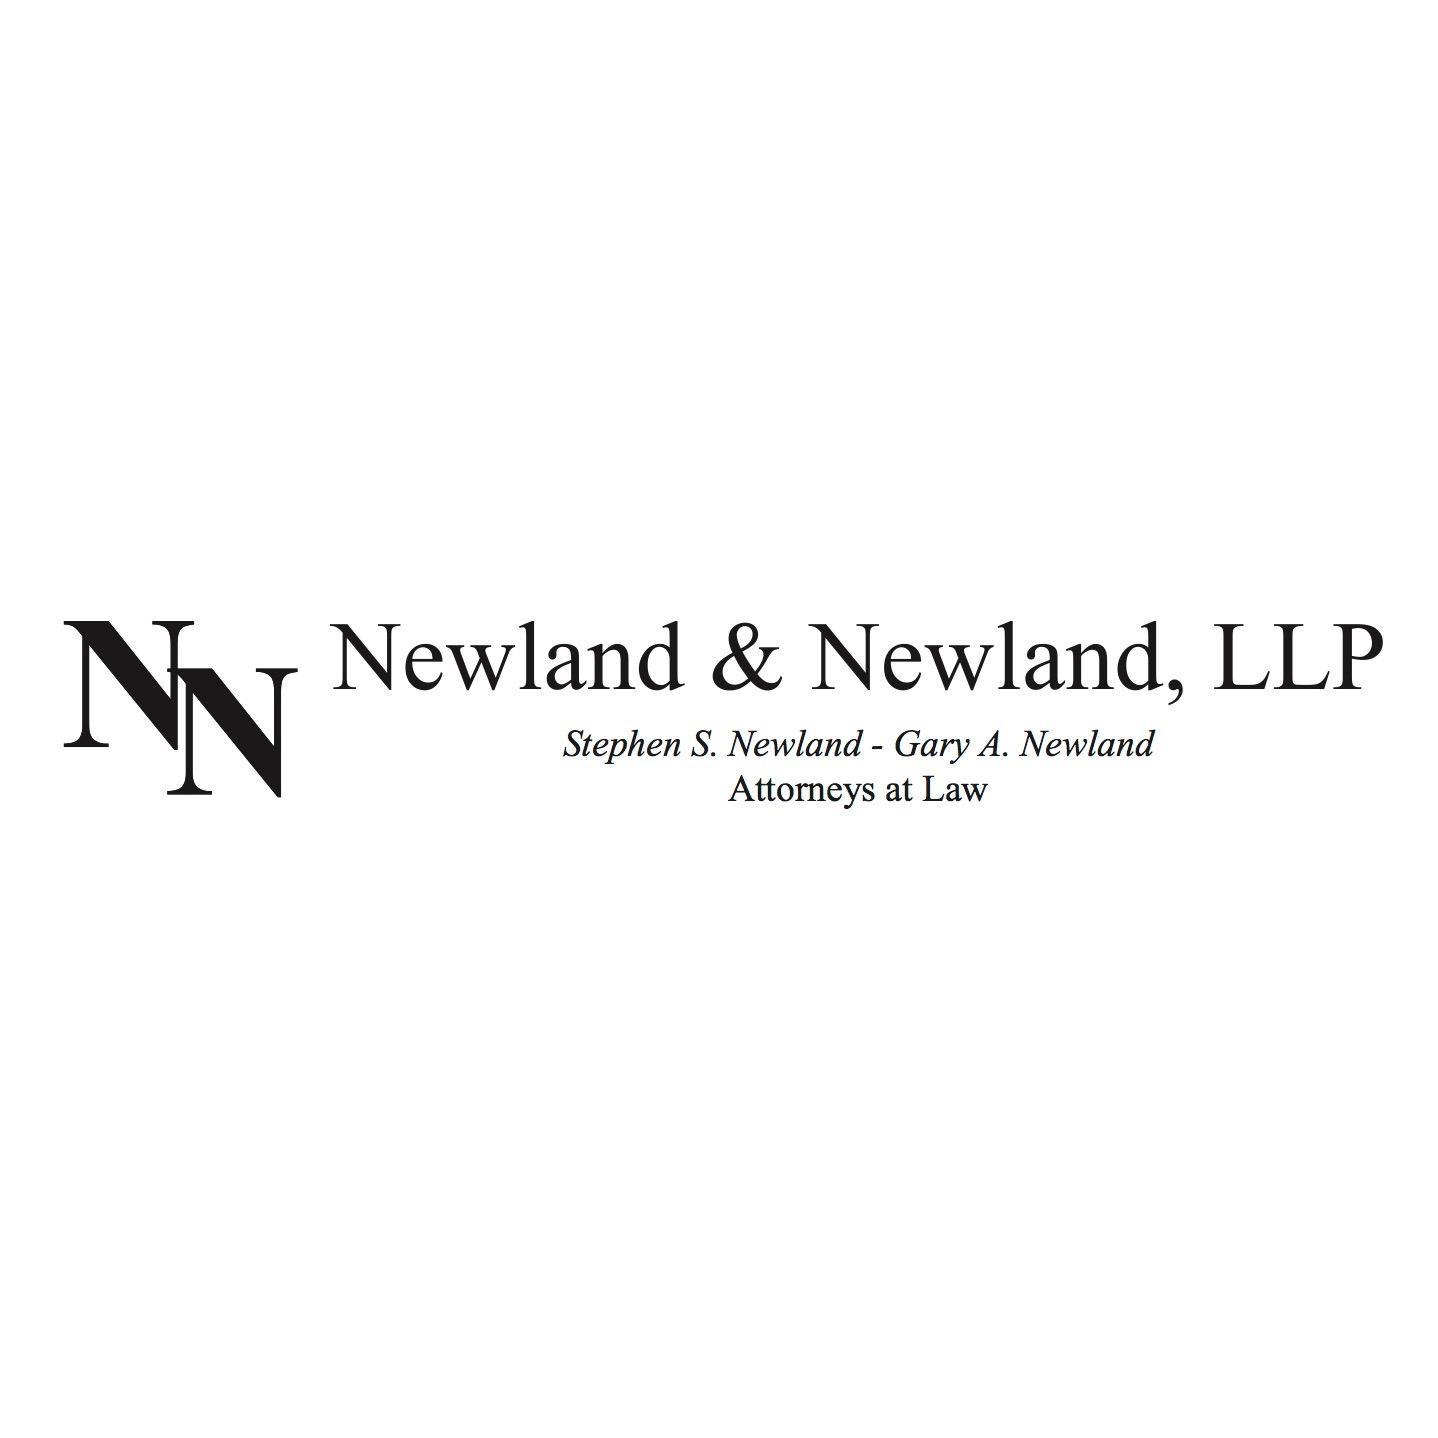 Newland & Newland, LLP